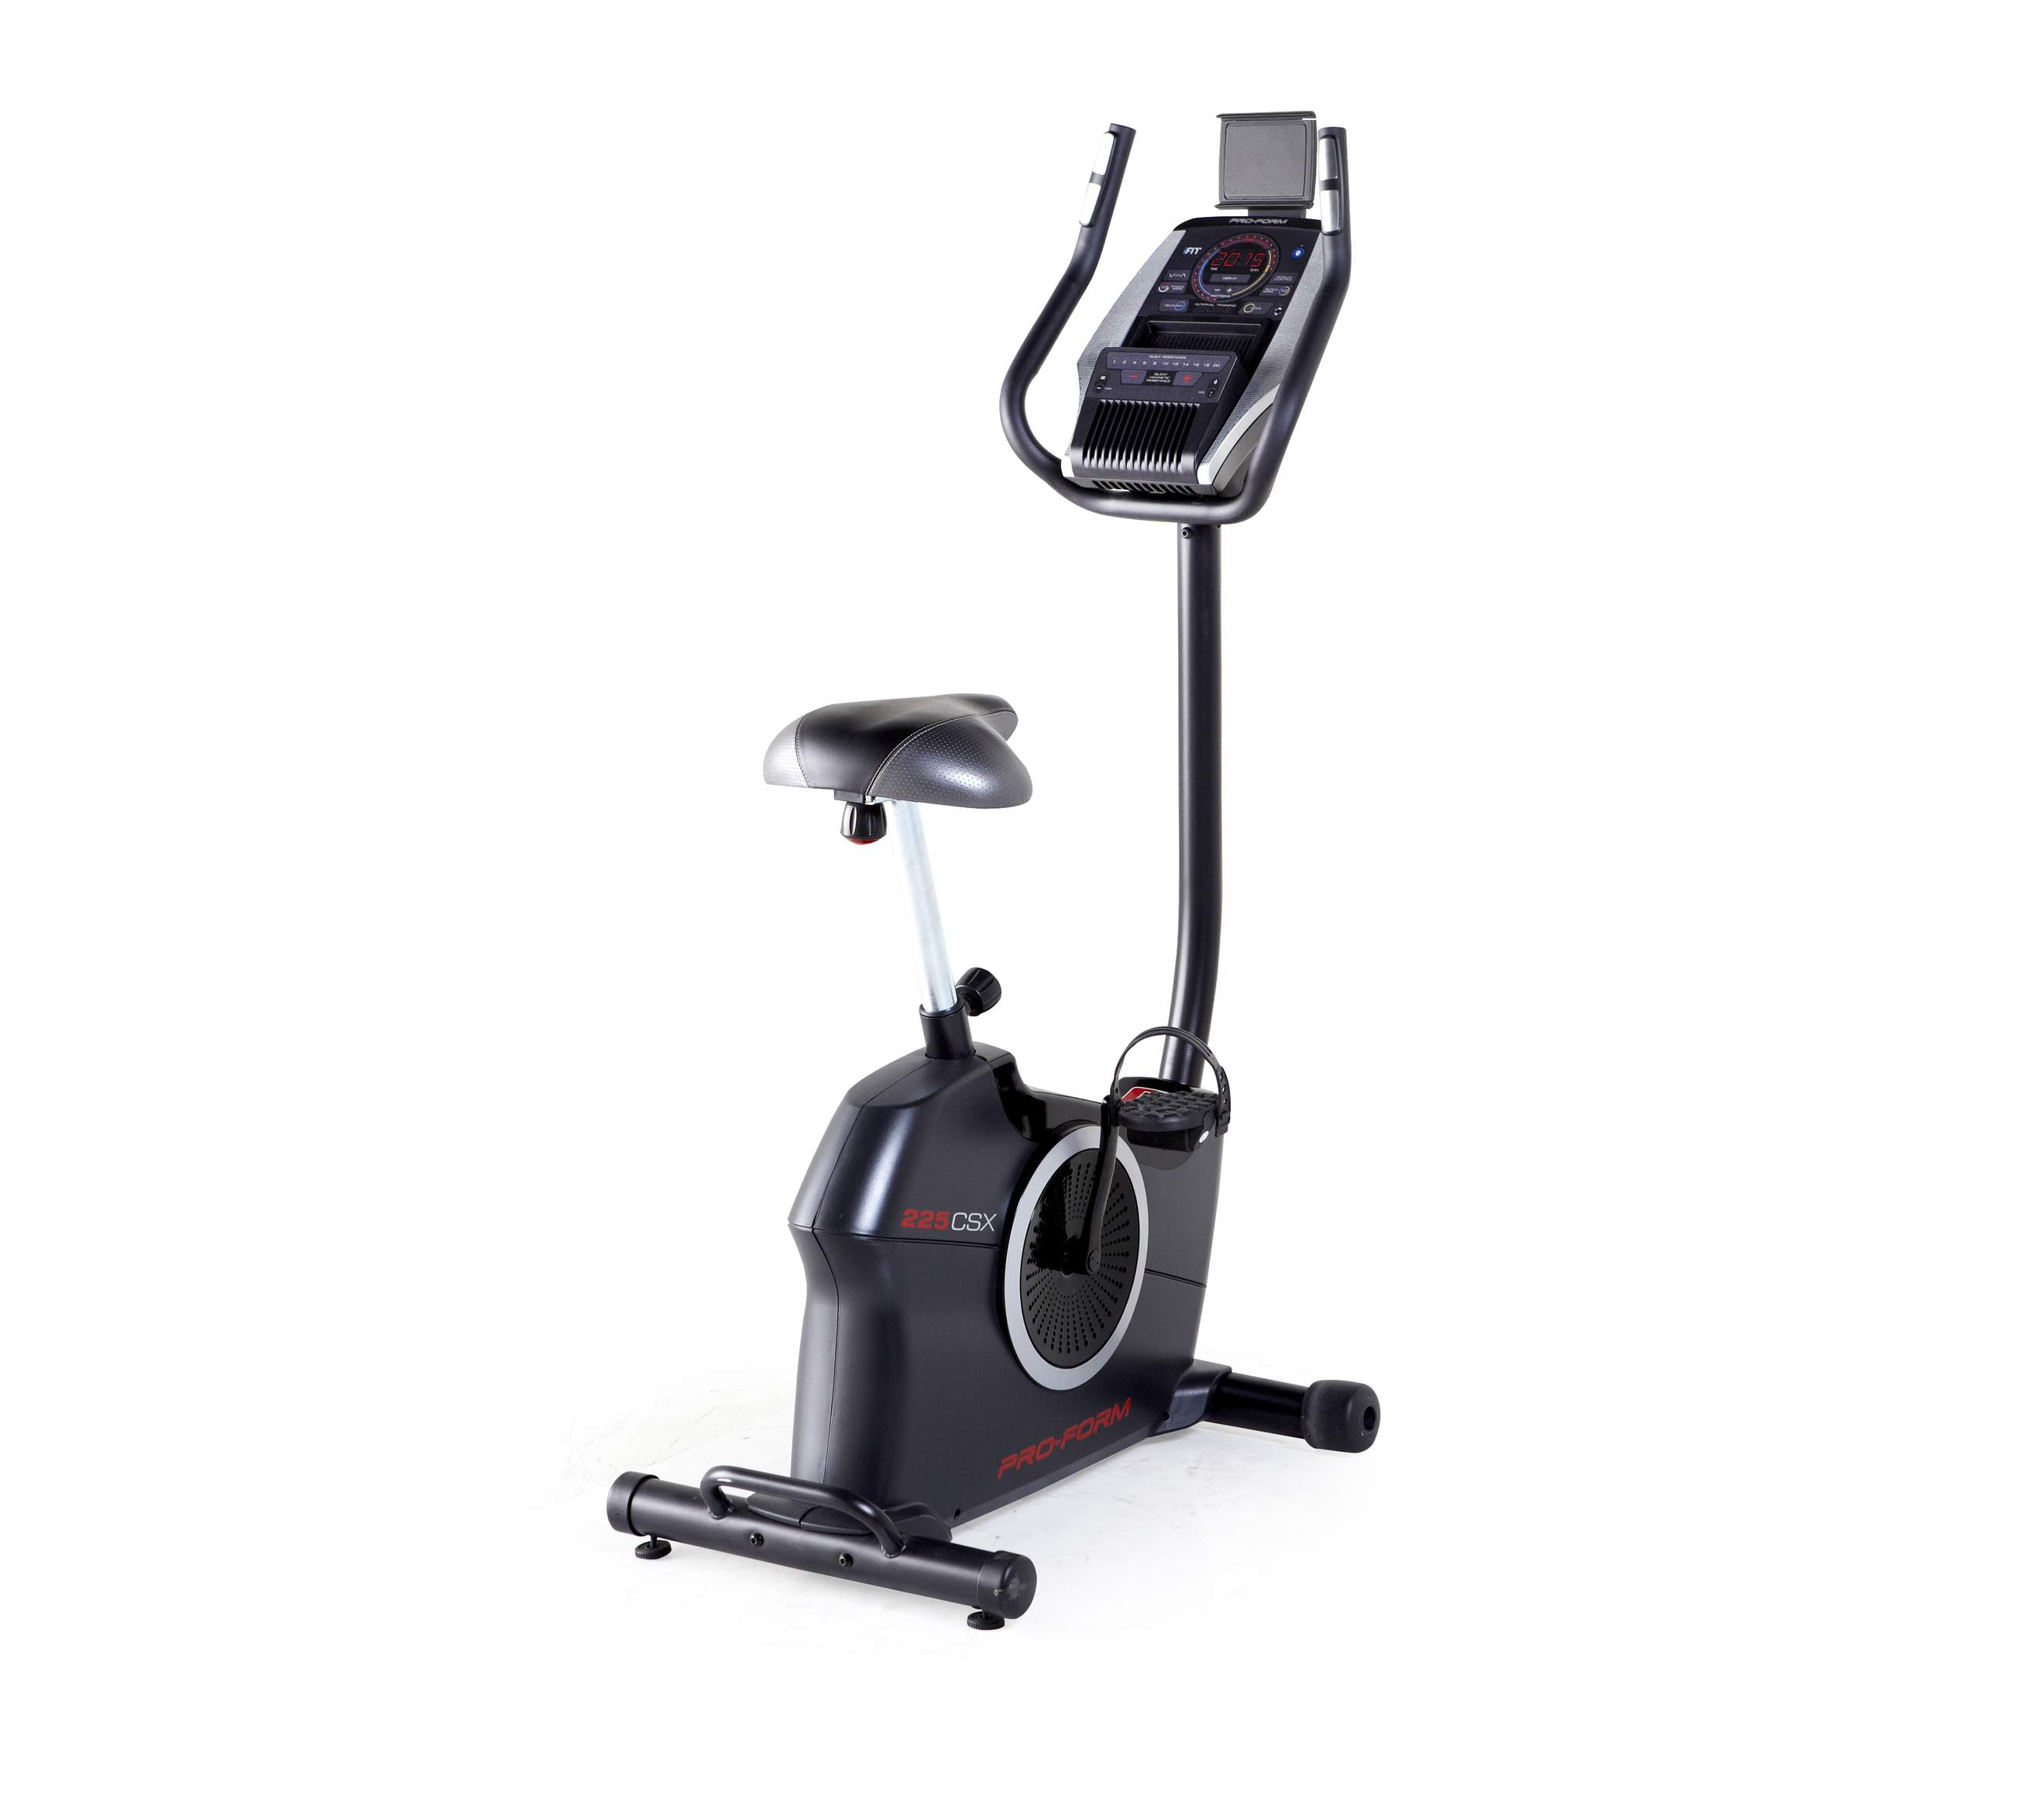 Pro-Form Велотренажер Pro-Form магнитный 225 CSX все цены